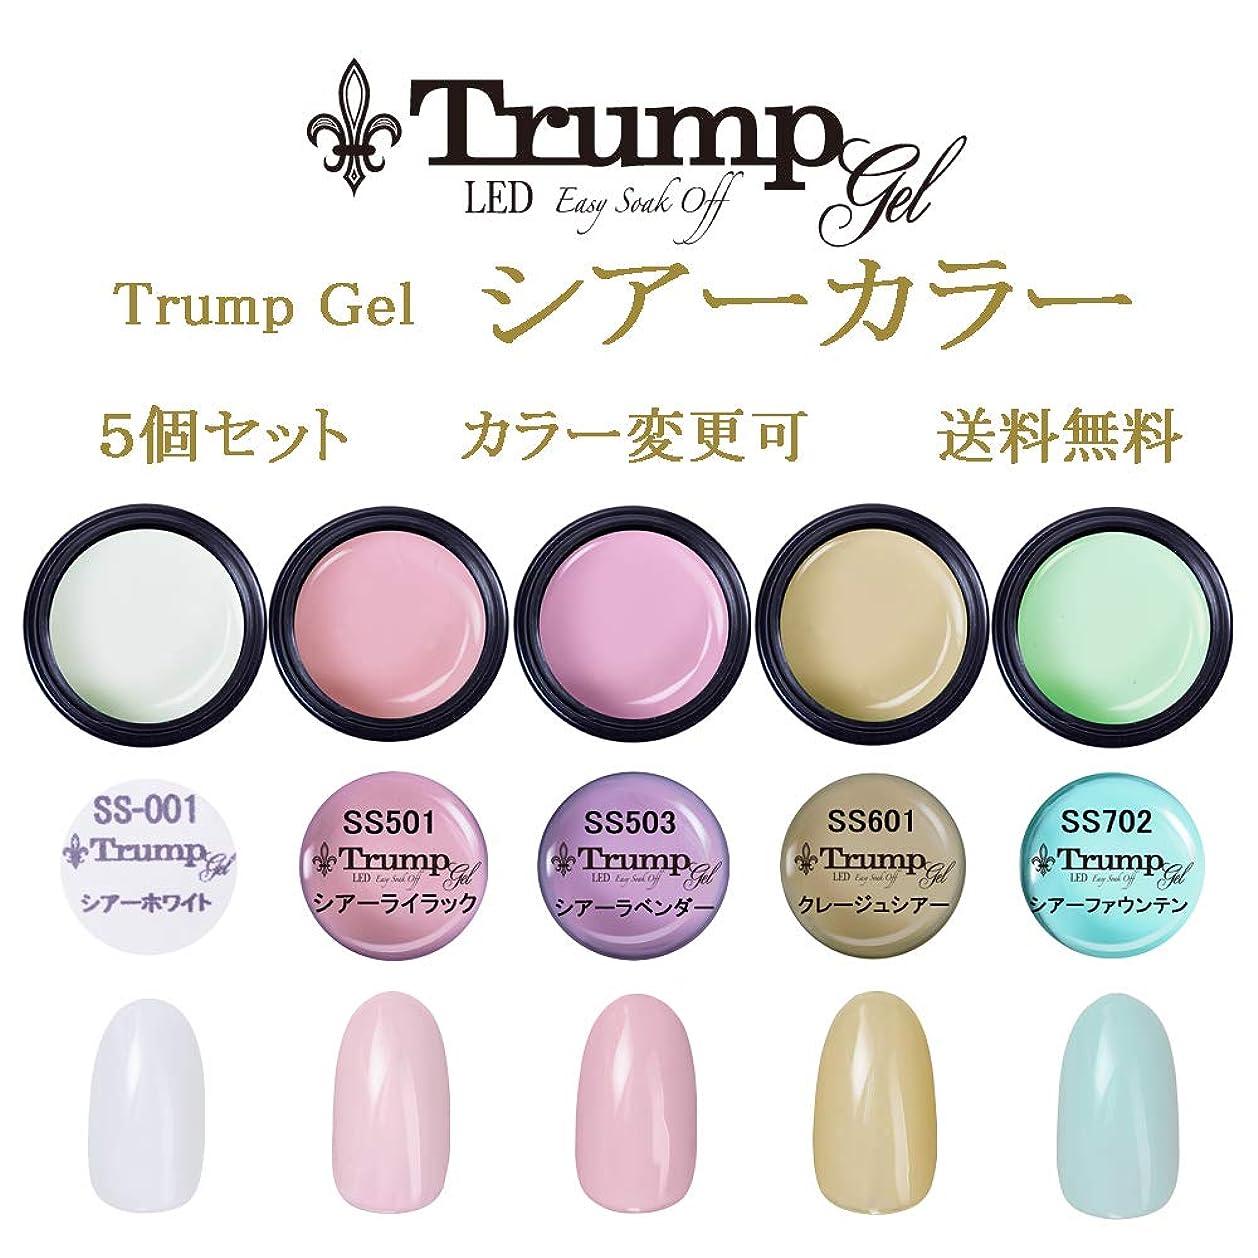 要求ホールドオール黙日本製 Trump gel トランプジェル シアー カラージェル 選べる 5個セット ホワイト ピンク パープル イエロー ブルー